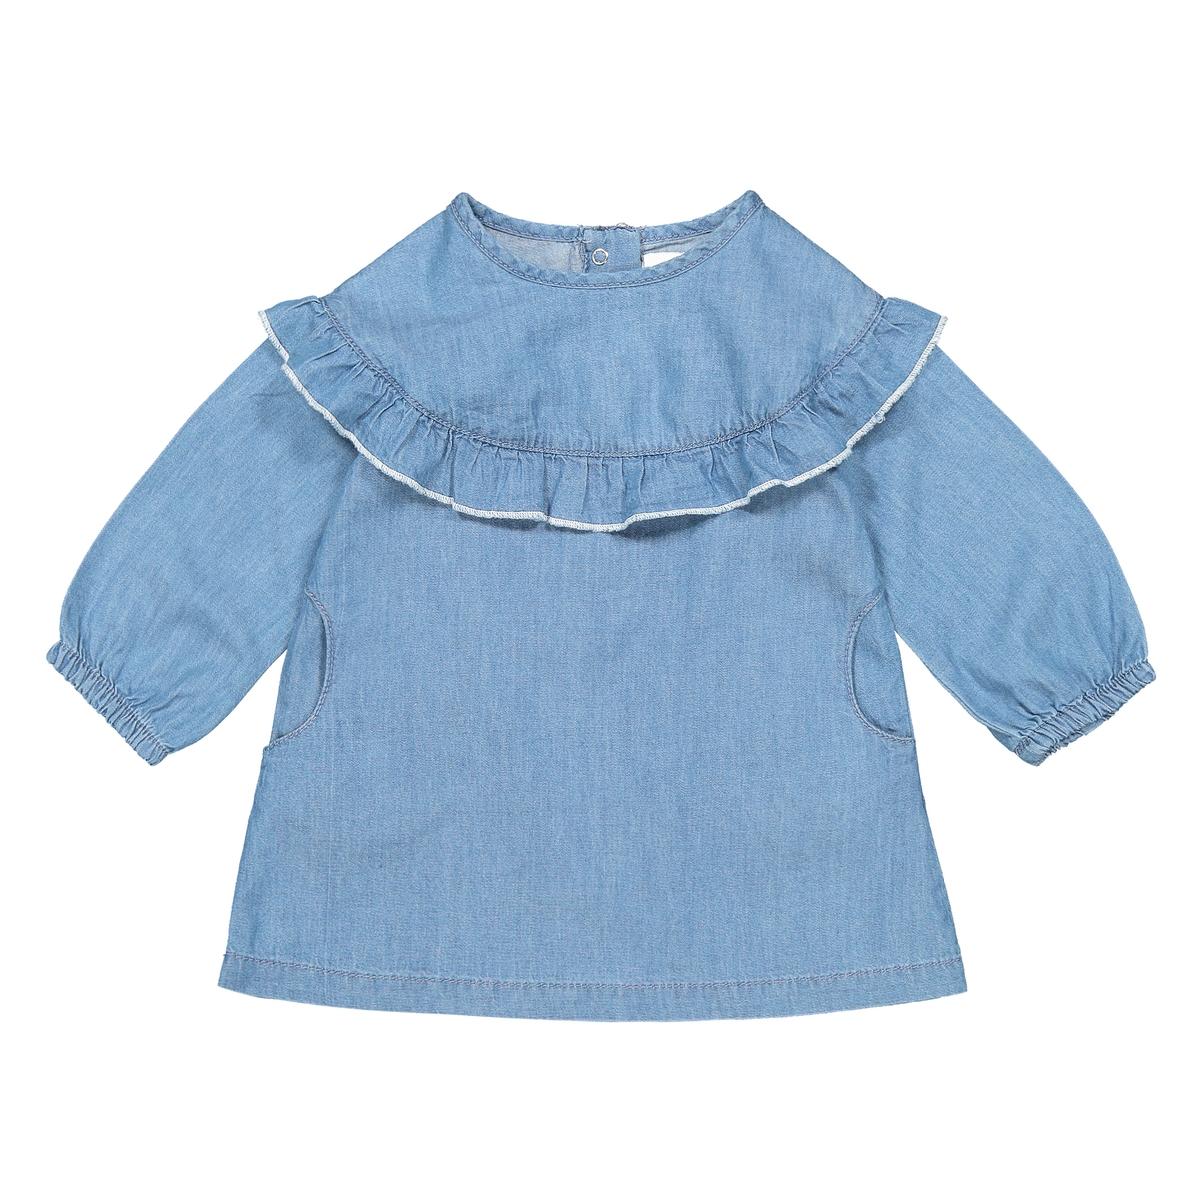 Платье La Redoute Прямое с длинными рукавами мес - года 3 года - 94 см синий футболки la redoute с длинными рукавами мес года 2 года 86 см разноцветный